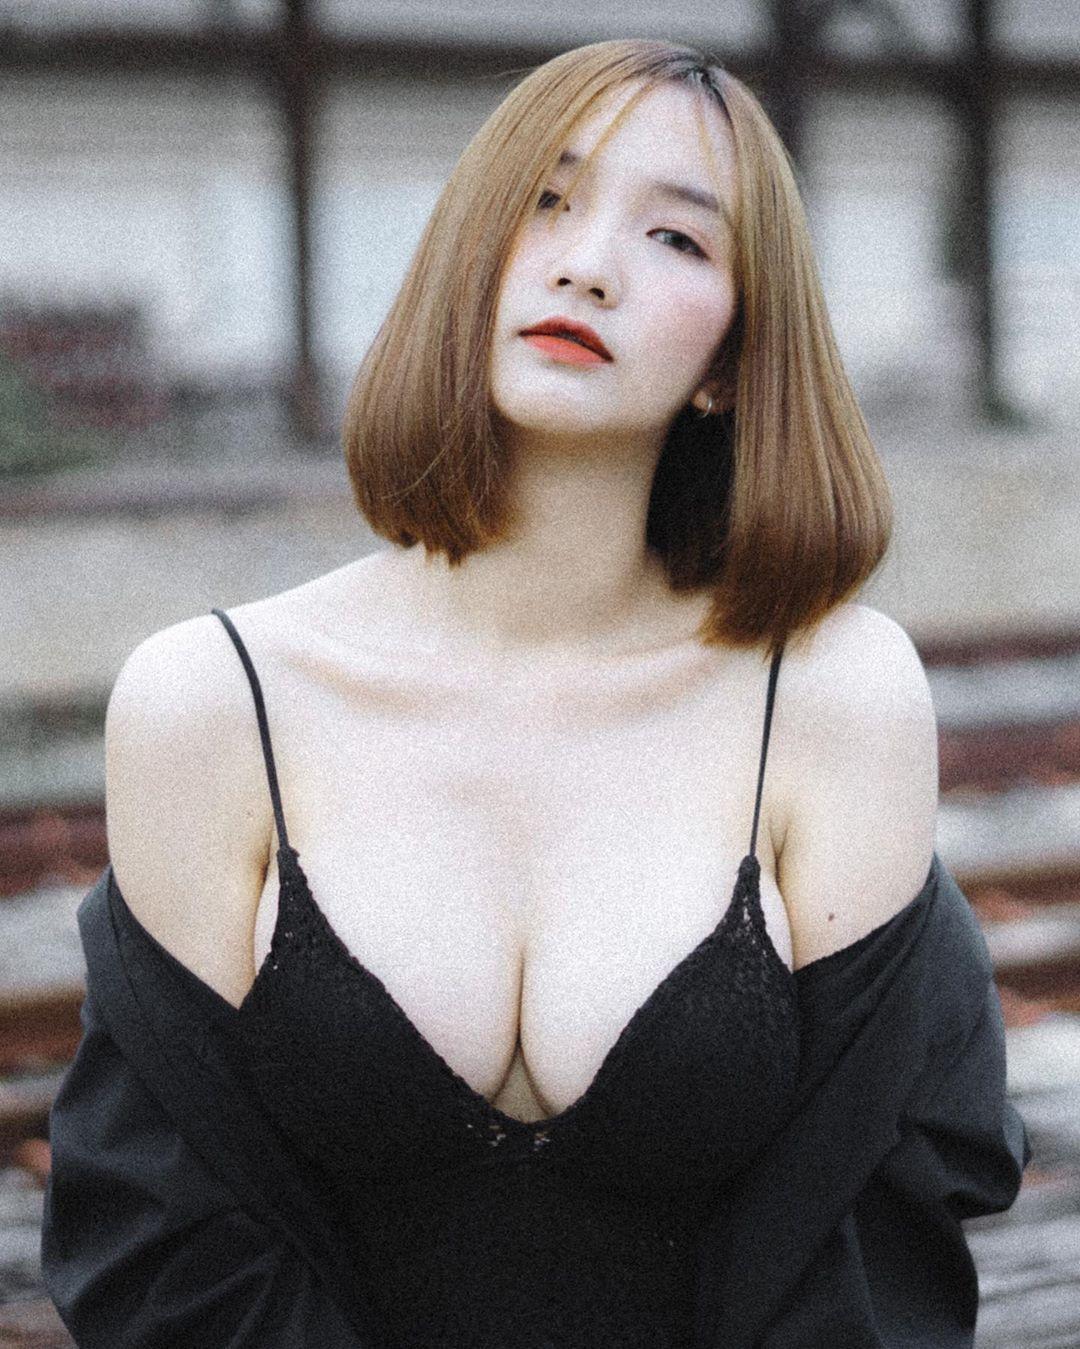 泰国童颜女主播紧身吊嘎低胸人深字沟清晰可见 男人文娱 热图4